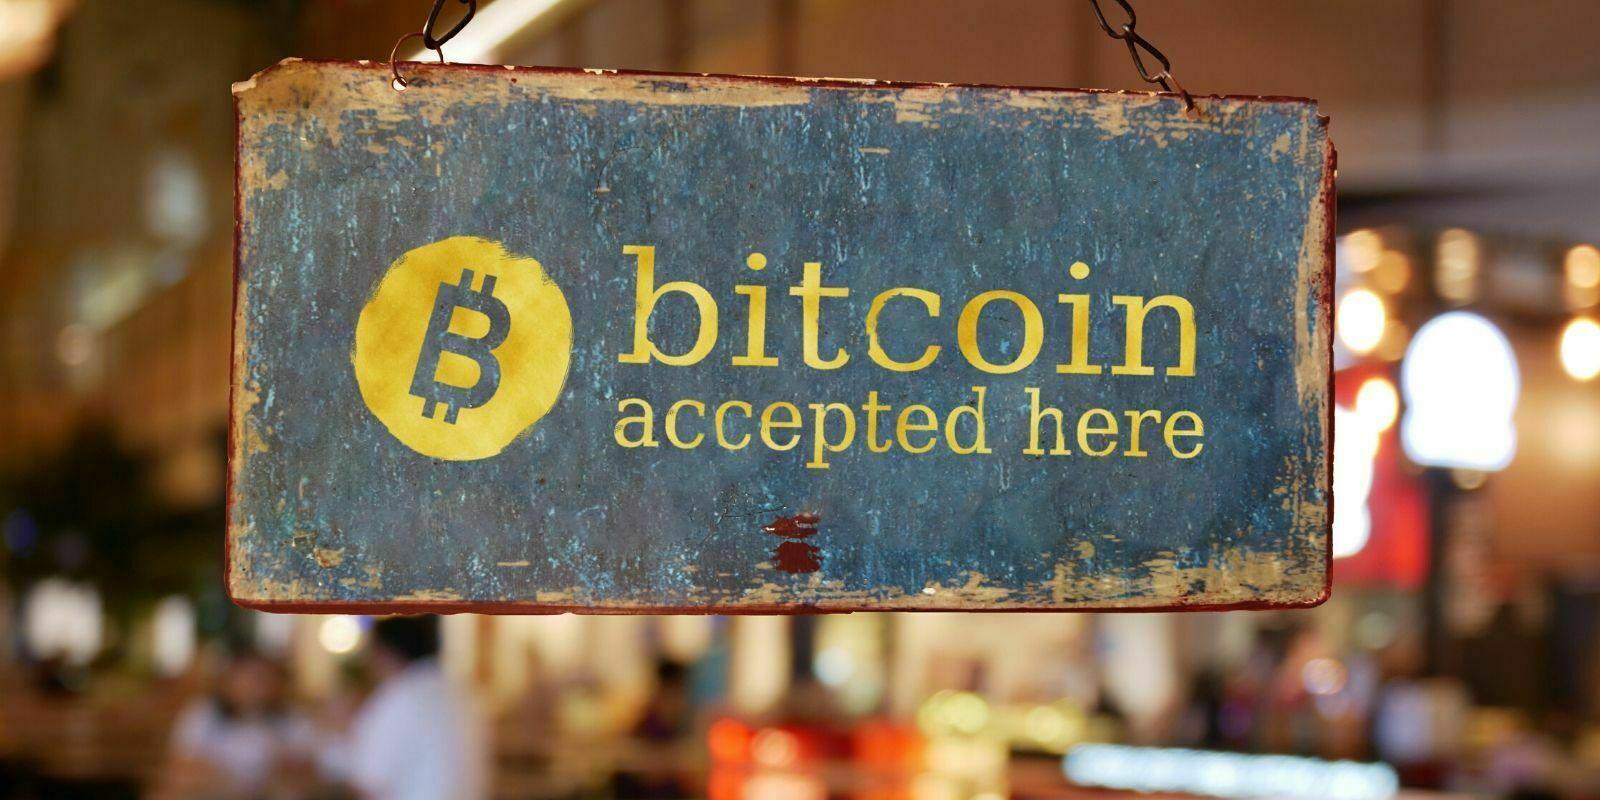 Bitcoin accepté dans cette boutique